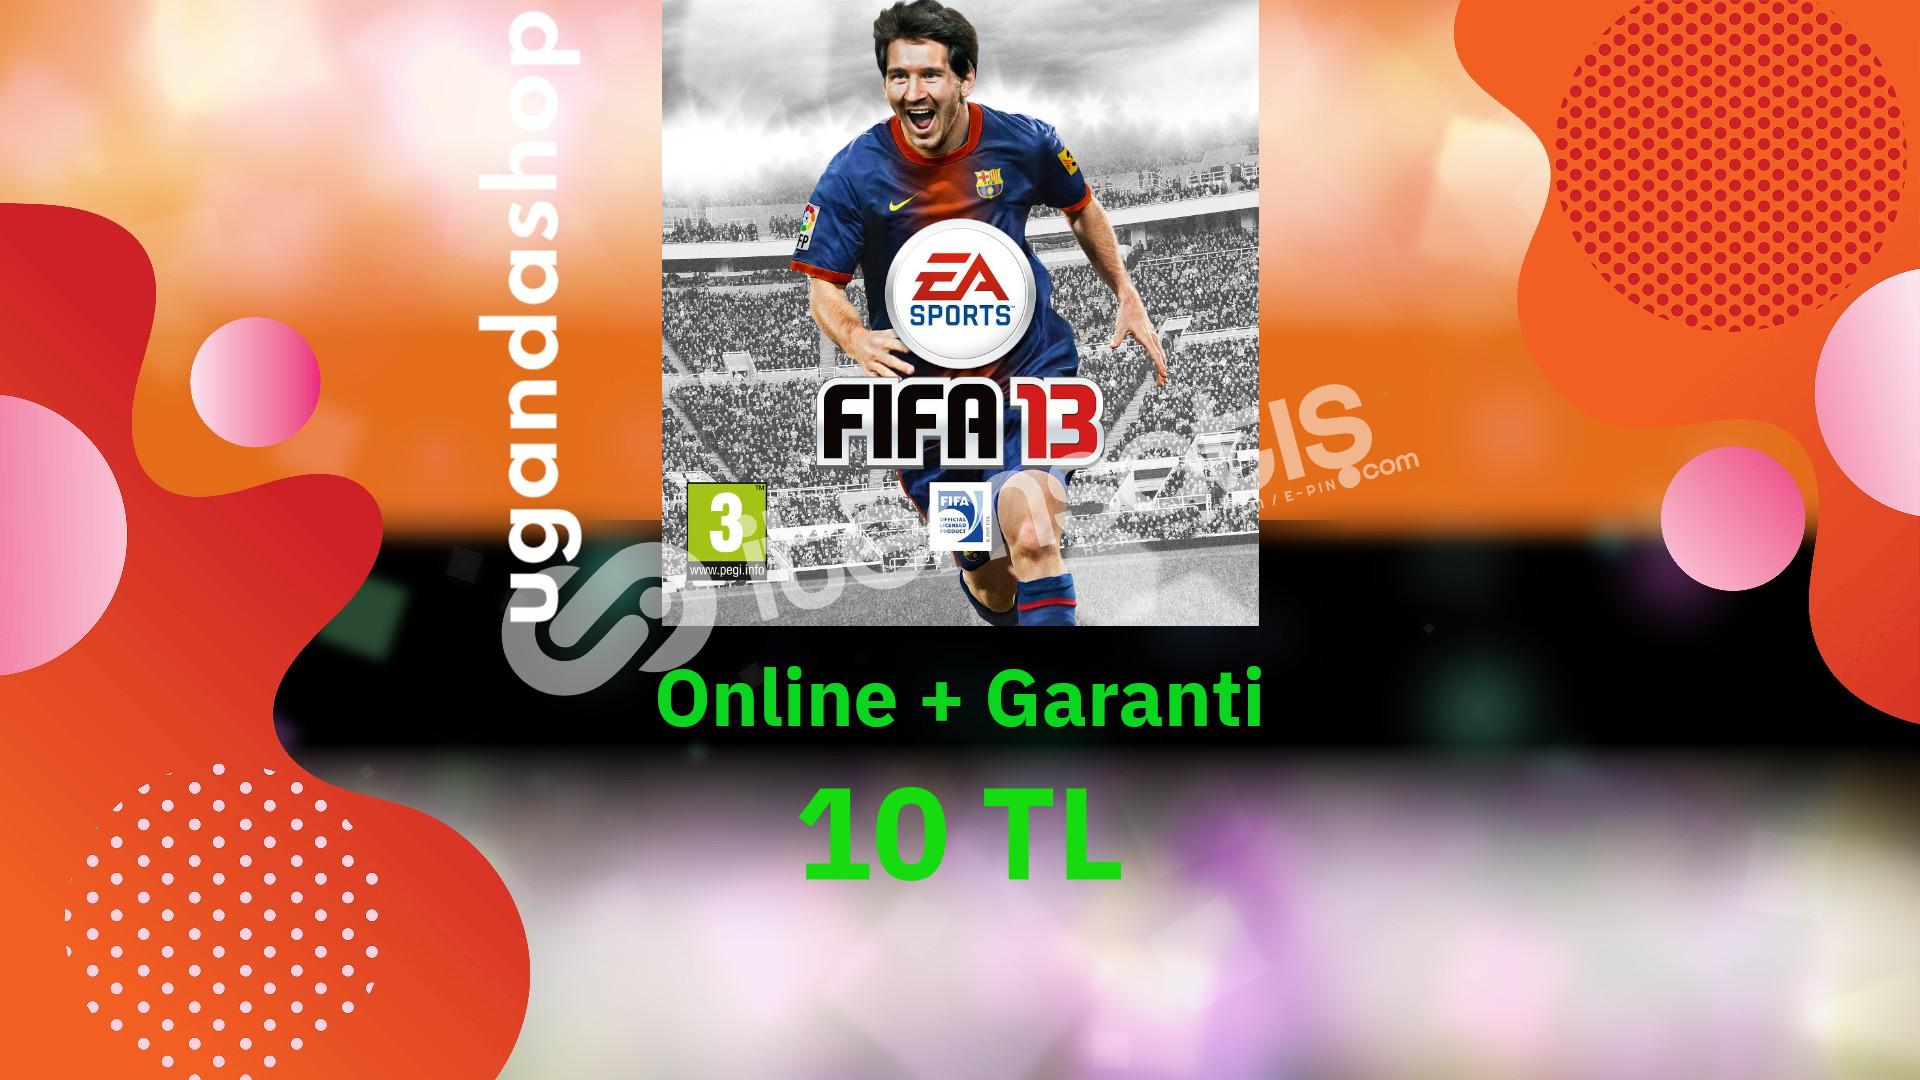 FIFA 13 Online Origin Hesap + Garanti